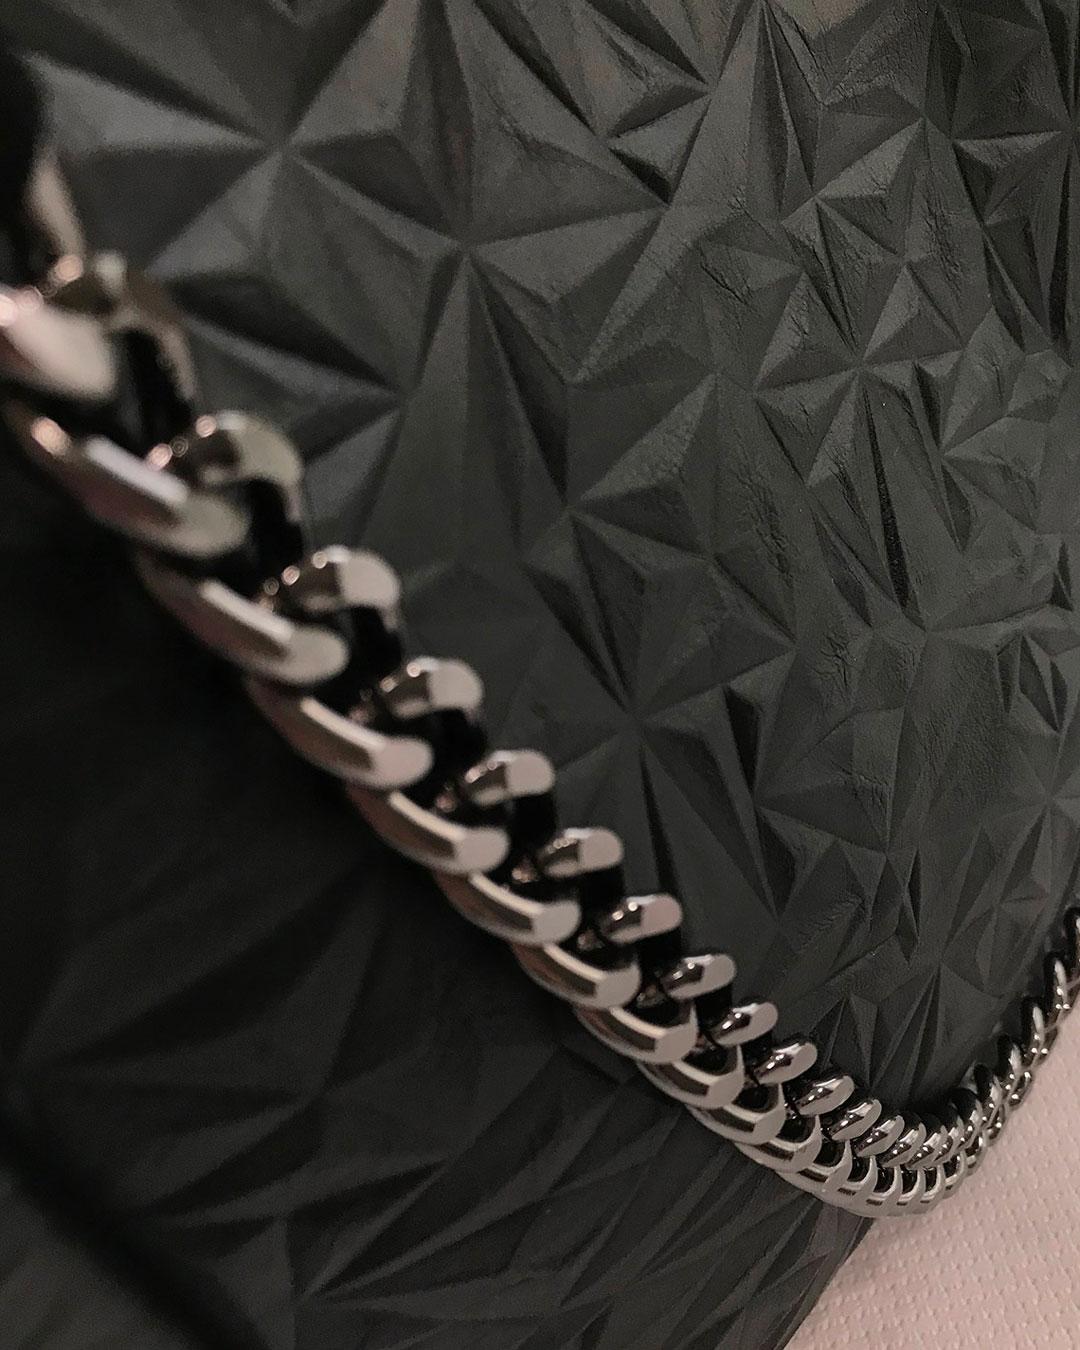 Sac à main en simili cuir noir pour femme, avec une chaîne dorée ou argentée, créé pour vous